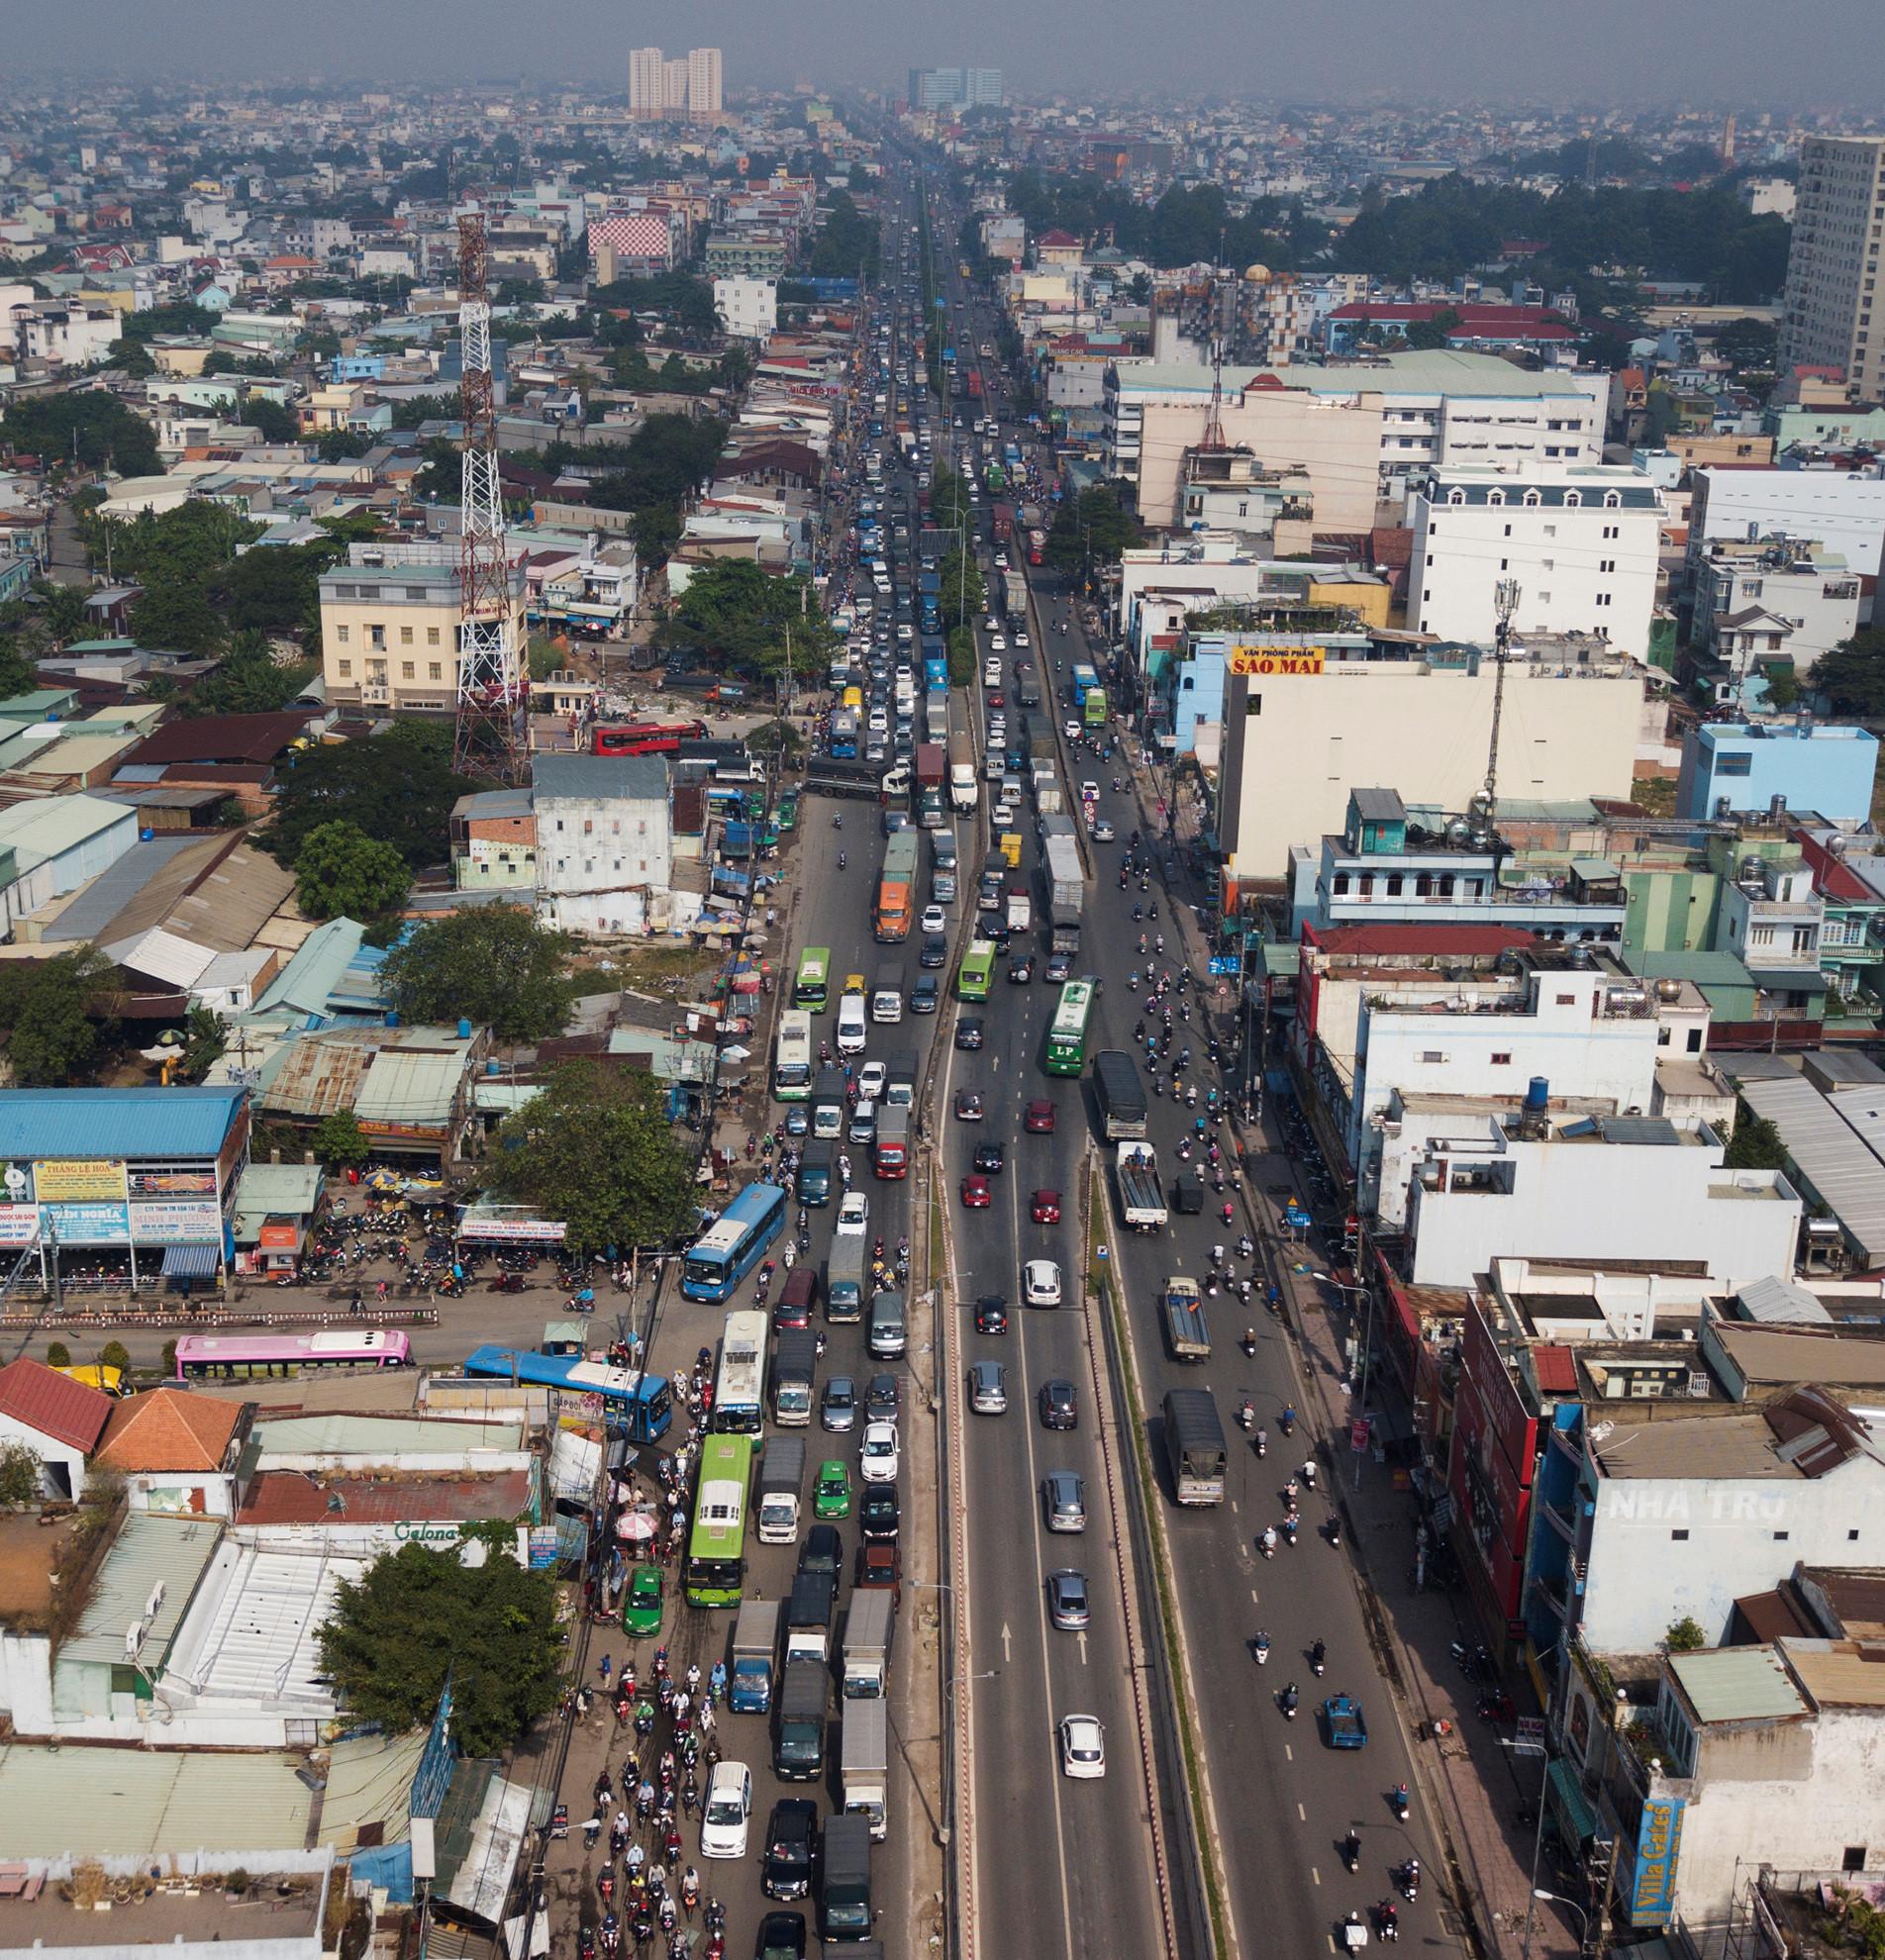 Cuối năm, lô cốt lại mọc lên khắp đường Sài Gòn Ảnh 16